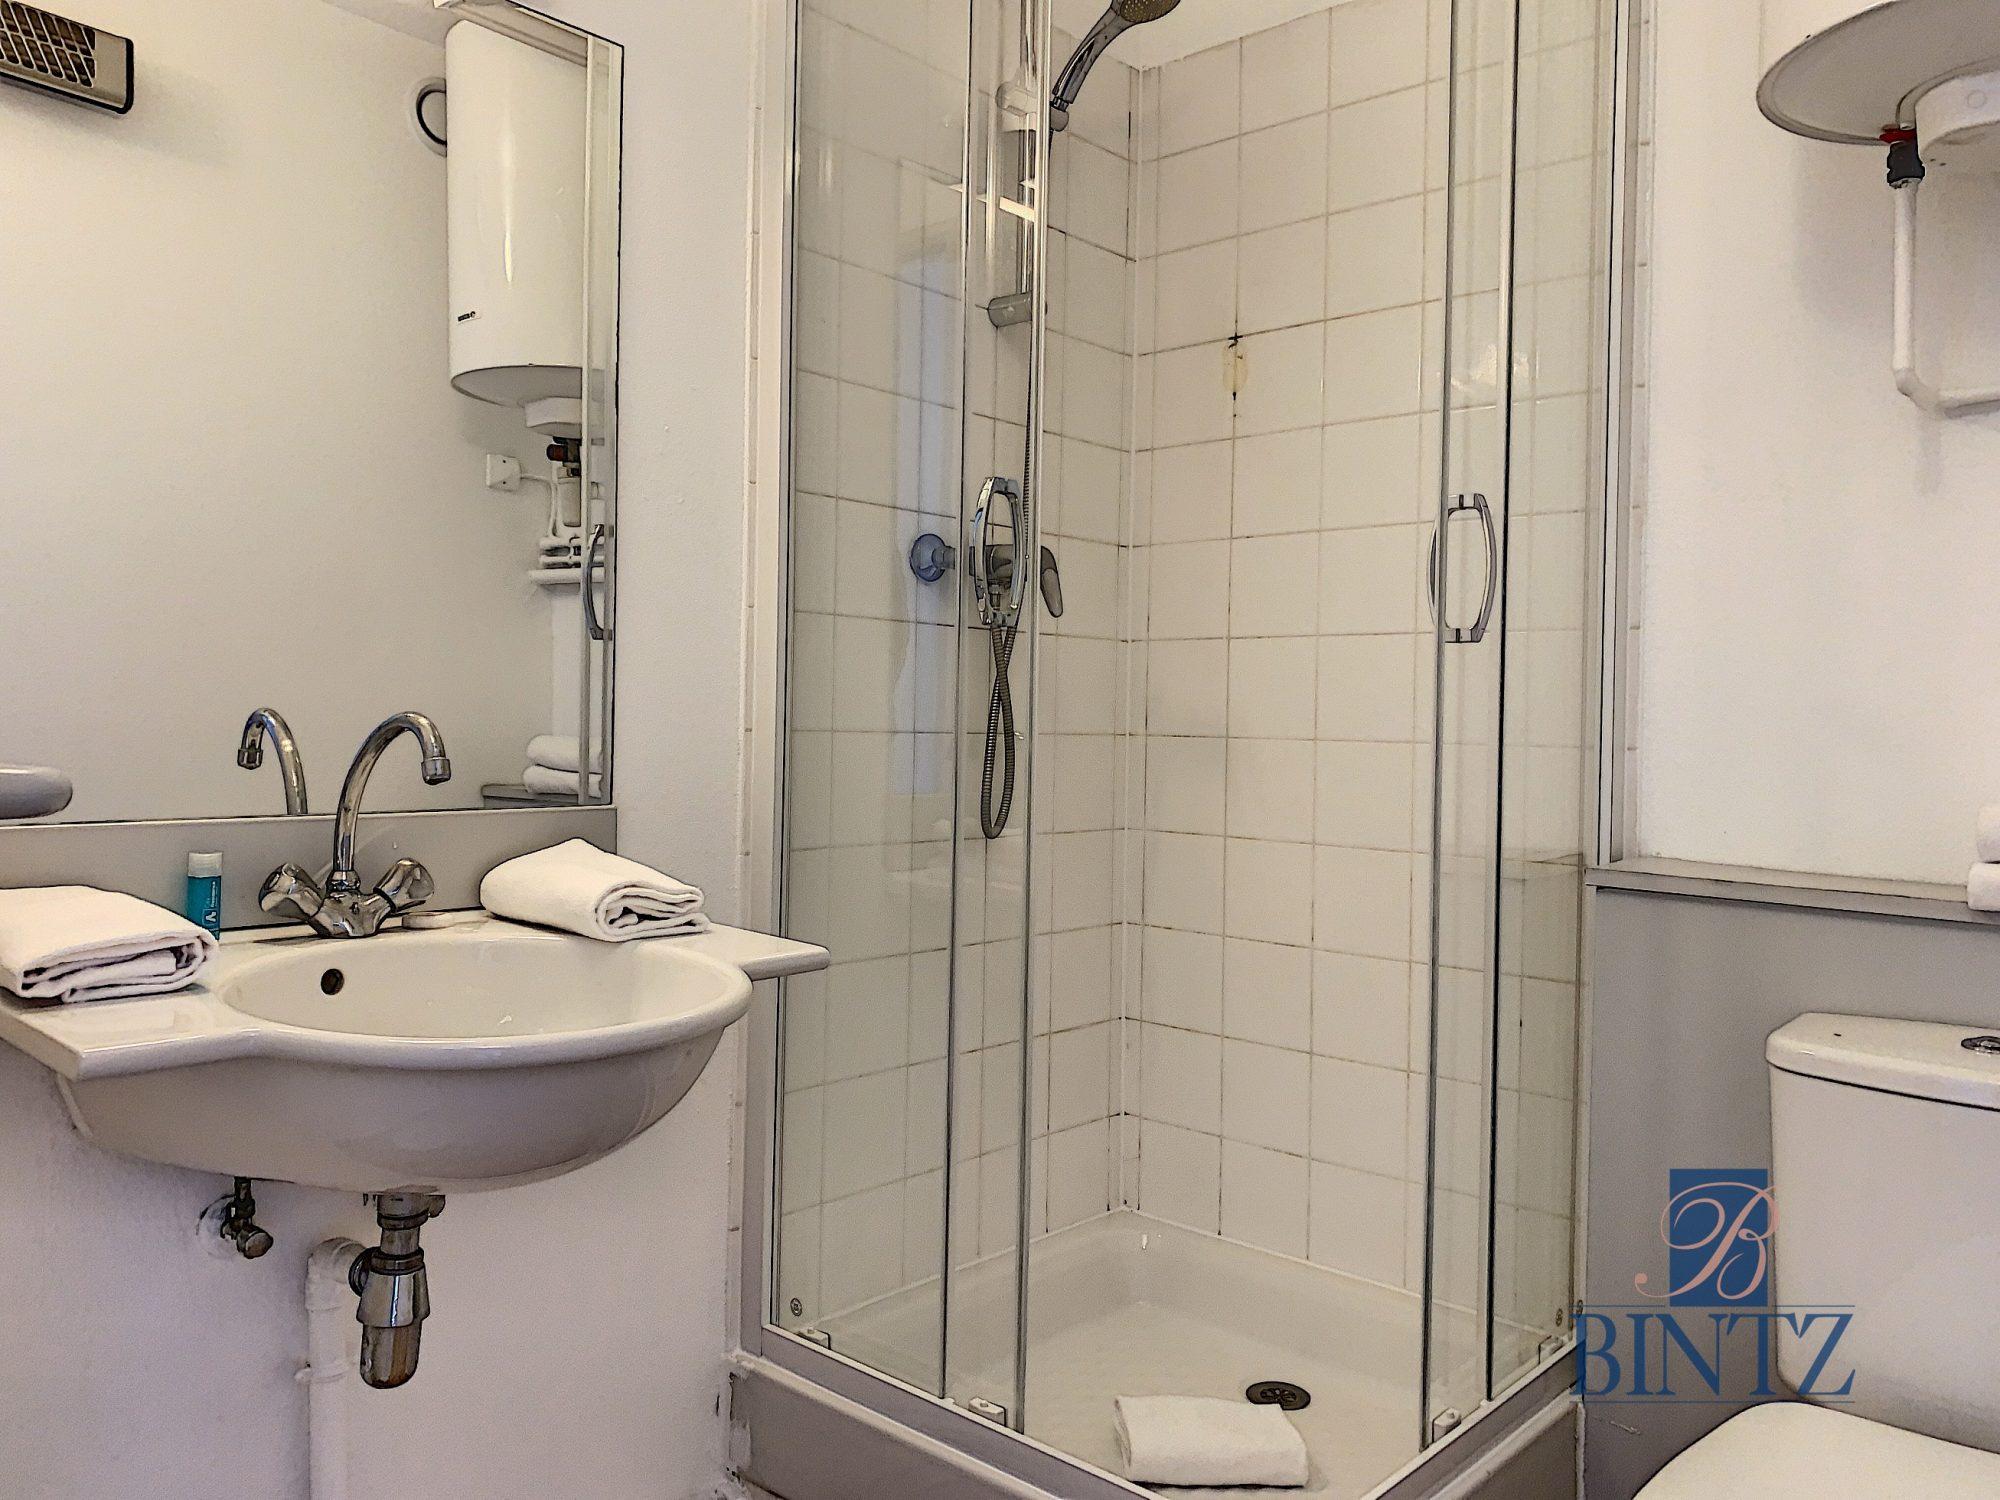 Studio en résidence hôtelière - Devenez propriétaire en toute confiance - Bintz Immobilier - 4